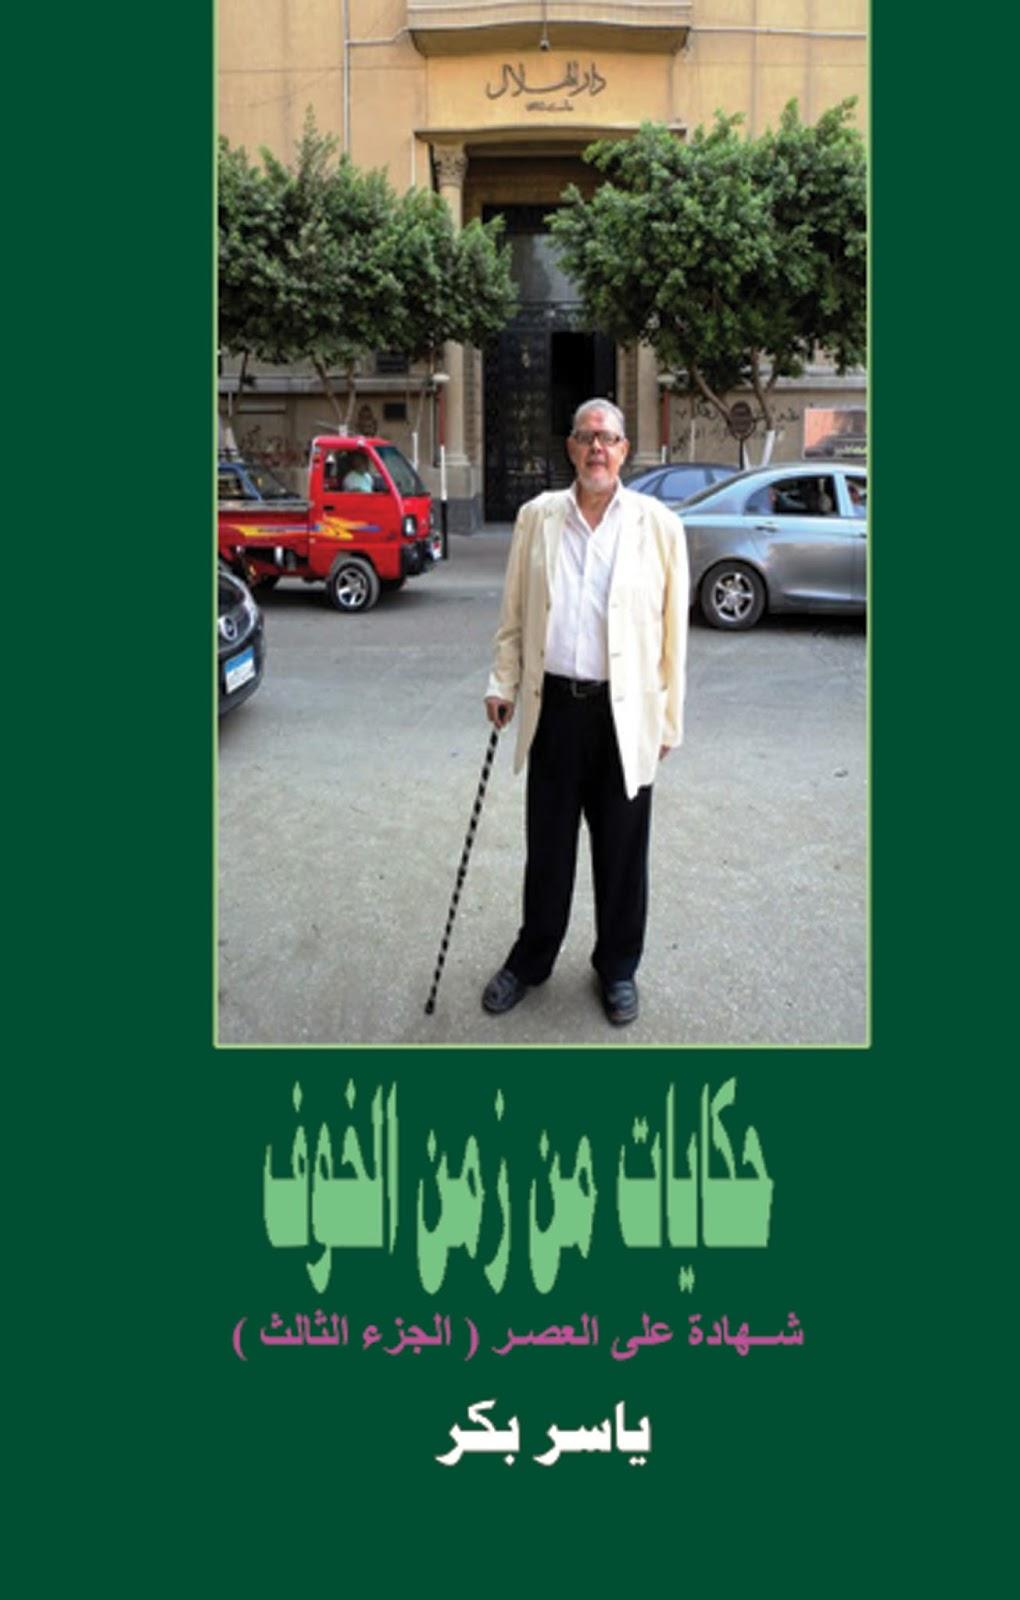 ffc1ba0f42a47 كتاب حكايات من زمن الخوف، ياسر بكر (الجزء الثالث) بصيغة word